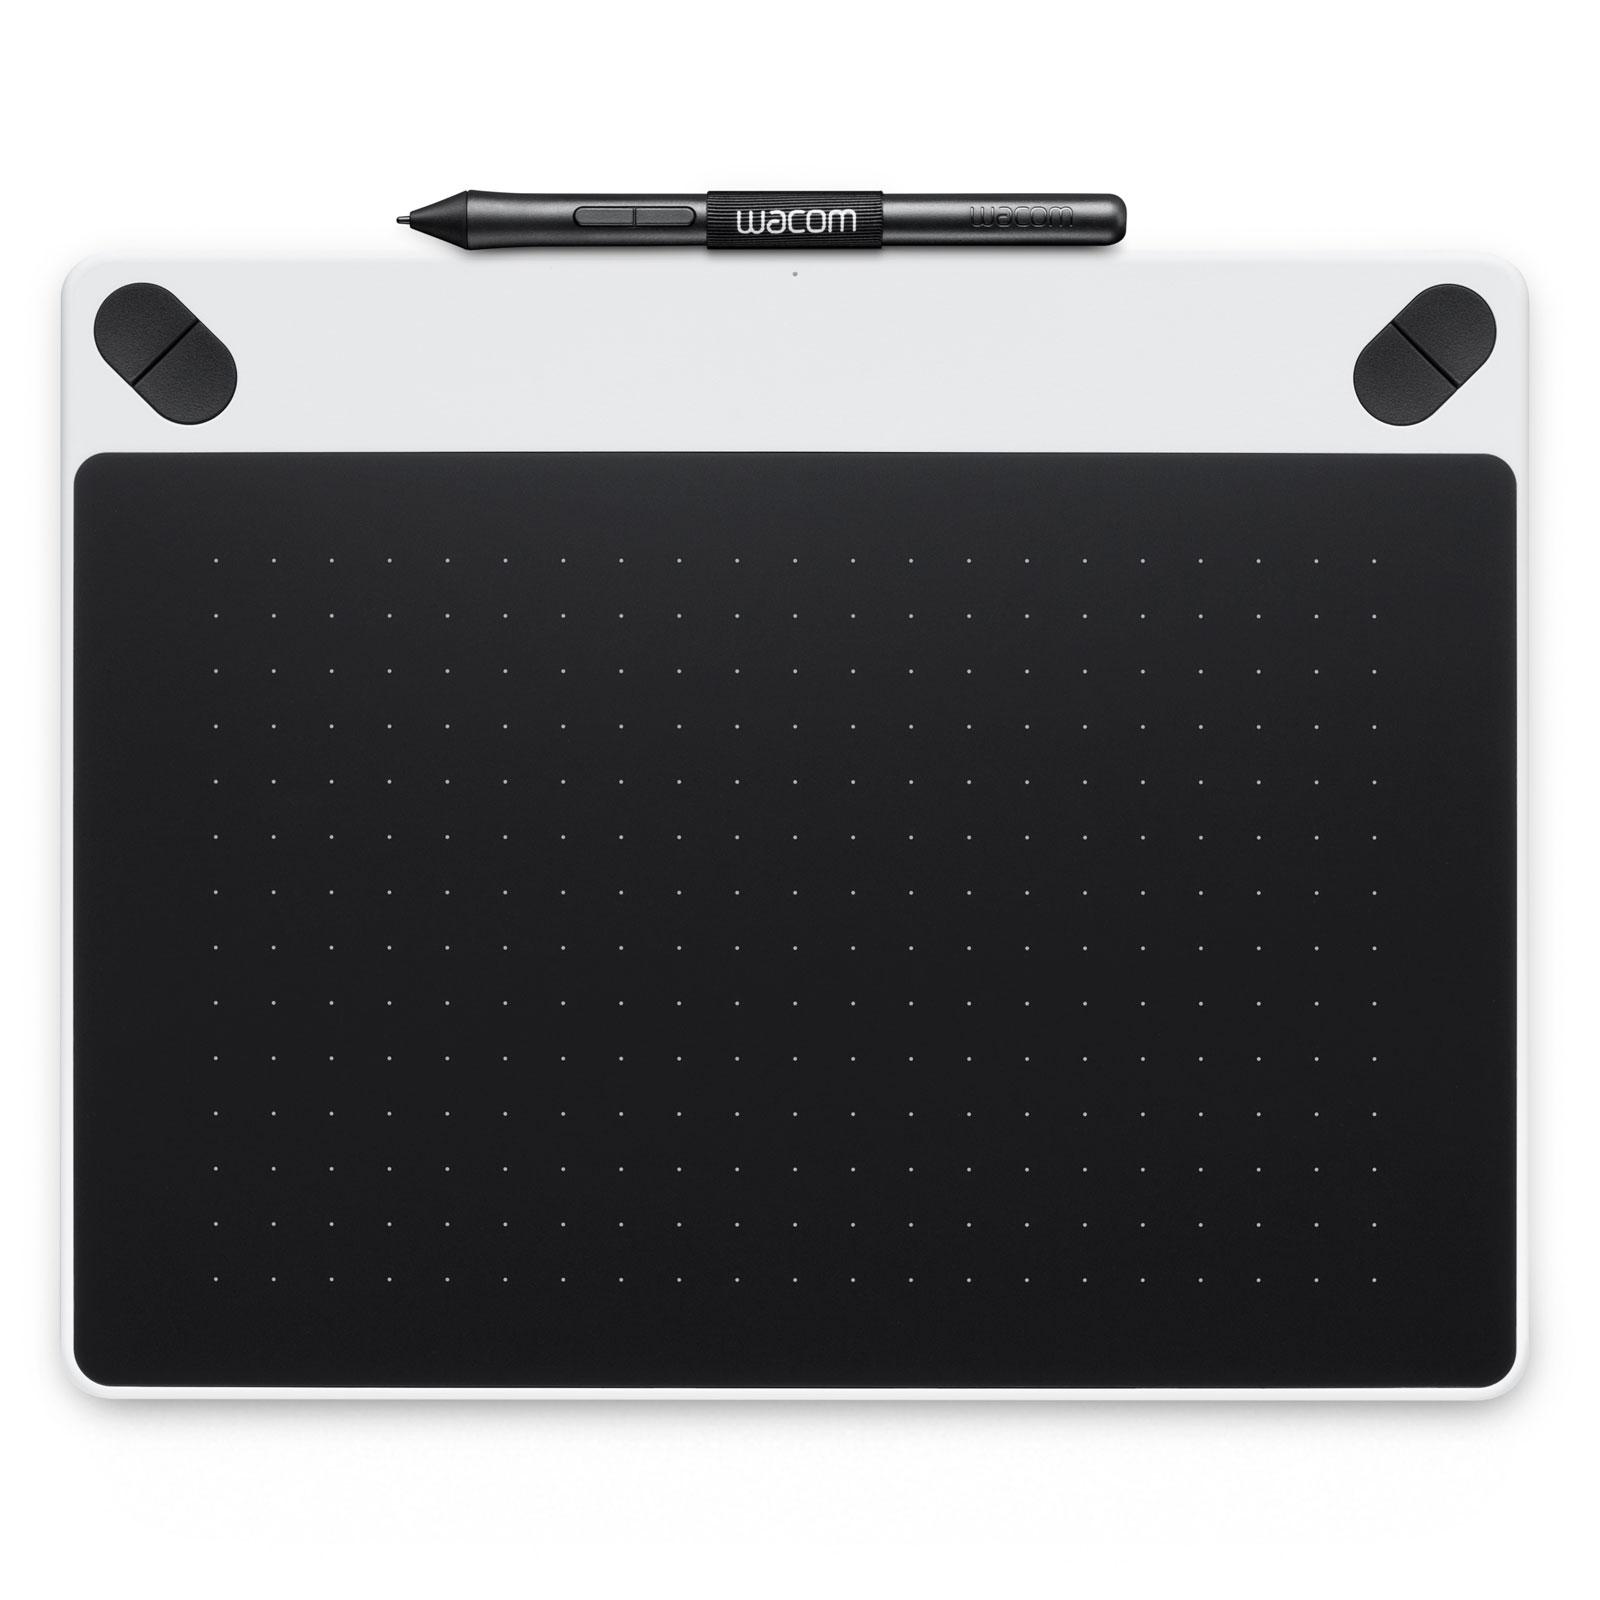 Wacom Intuos Draw Small - Tablette graphique Wacom - Cybertek.fr - 0